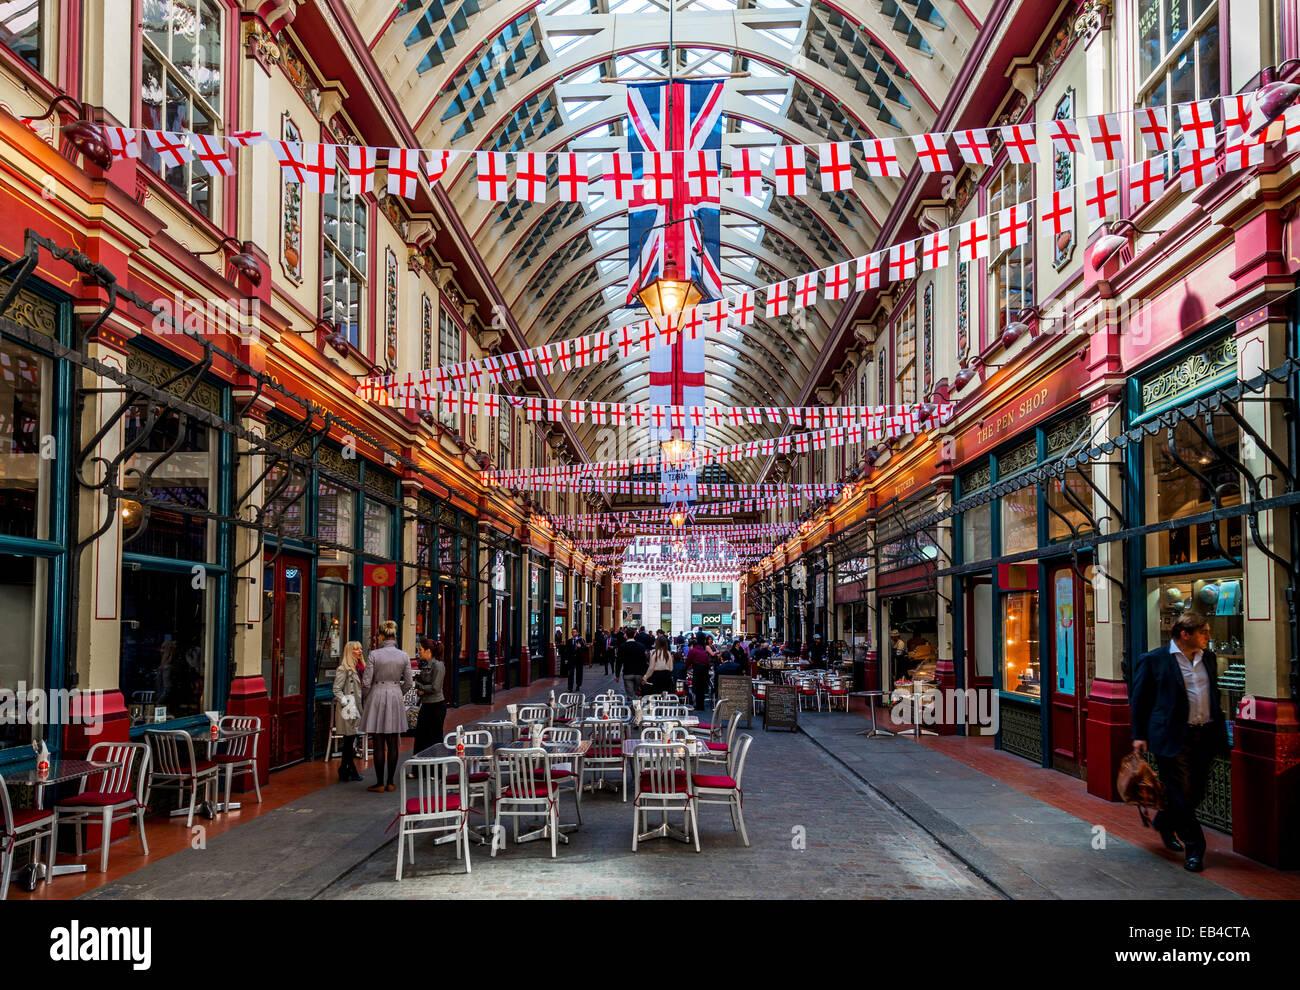 Leadenhall Market ist eine Markthalle in London, gelegen an der Gracechurch Street, City of London. Stockbild